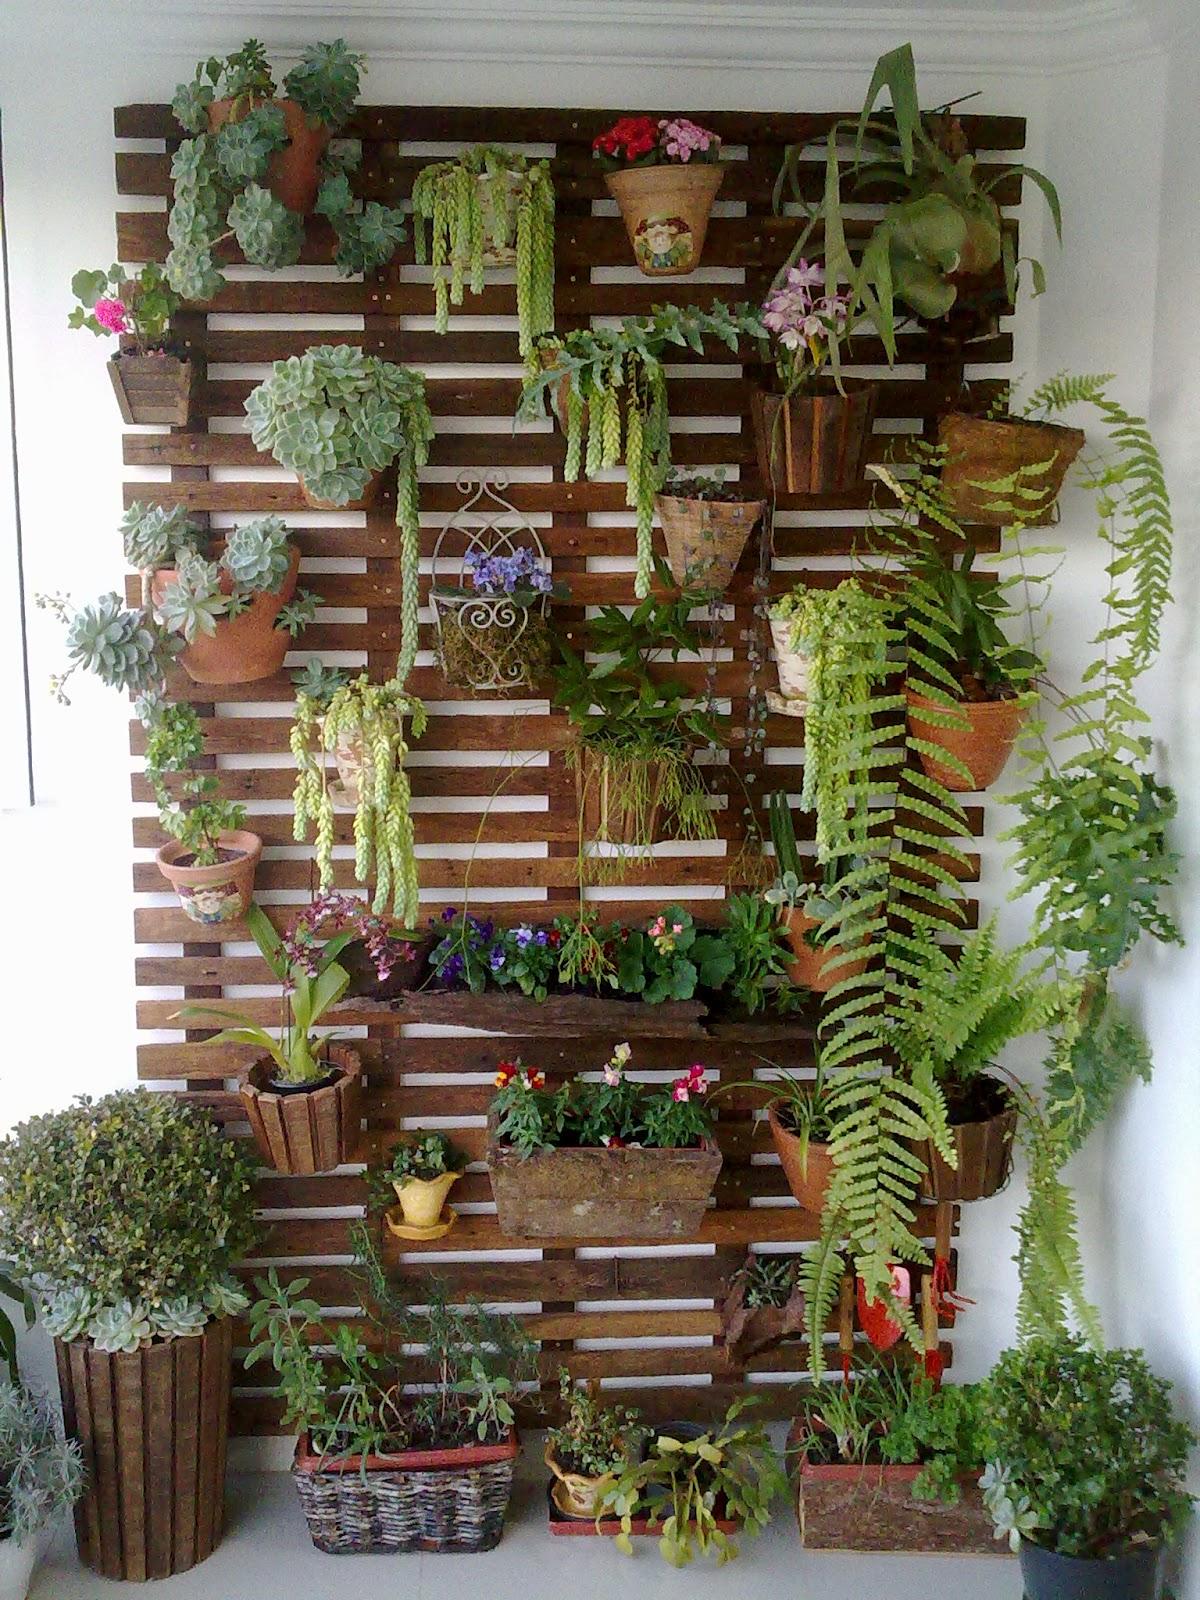 jardim vertical vasos meia lua : jardim vertical vasos meia lua:Sem Categoria – Nova Trento Empreendimentos Imobiliários – Blog